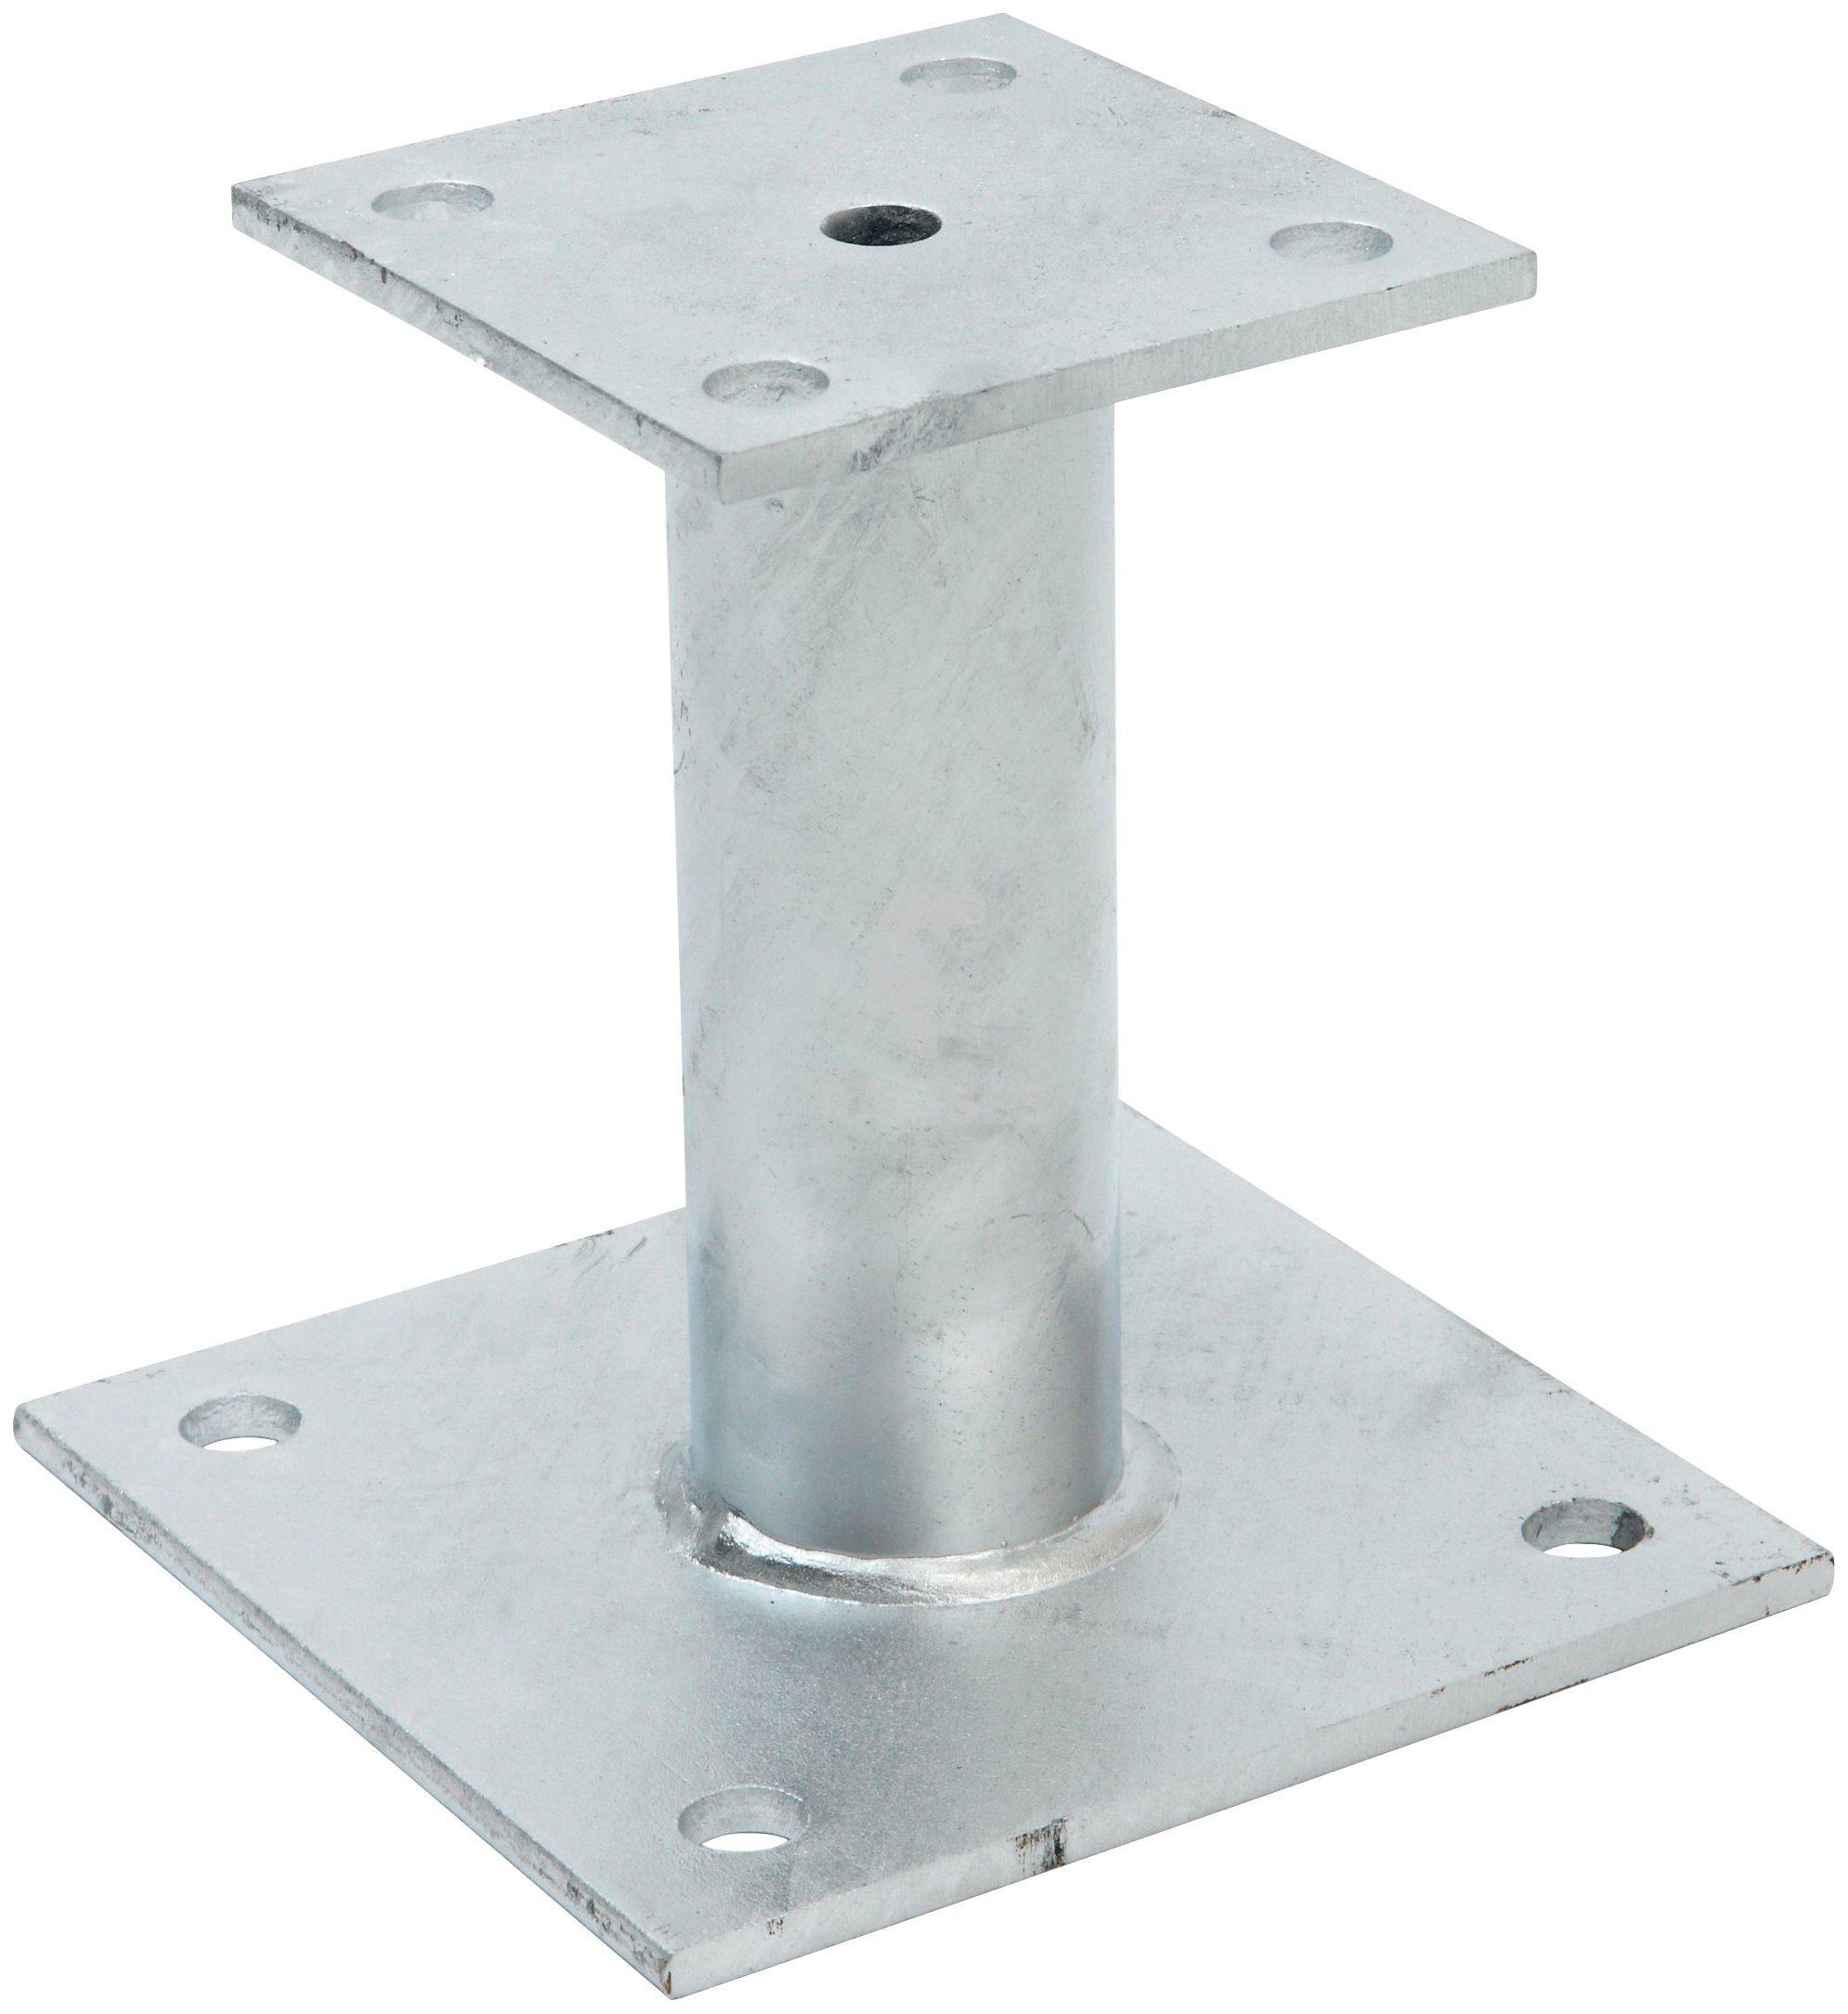 RAMSES Pfostenträger , aufschraubbar 100x150 mm Stahl verzinkt